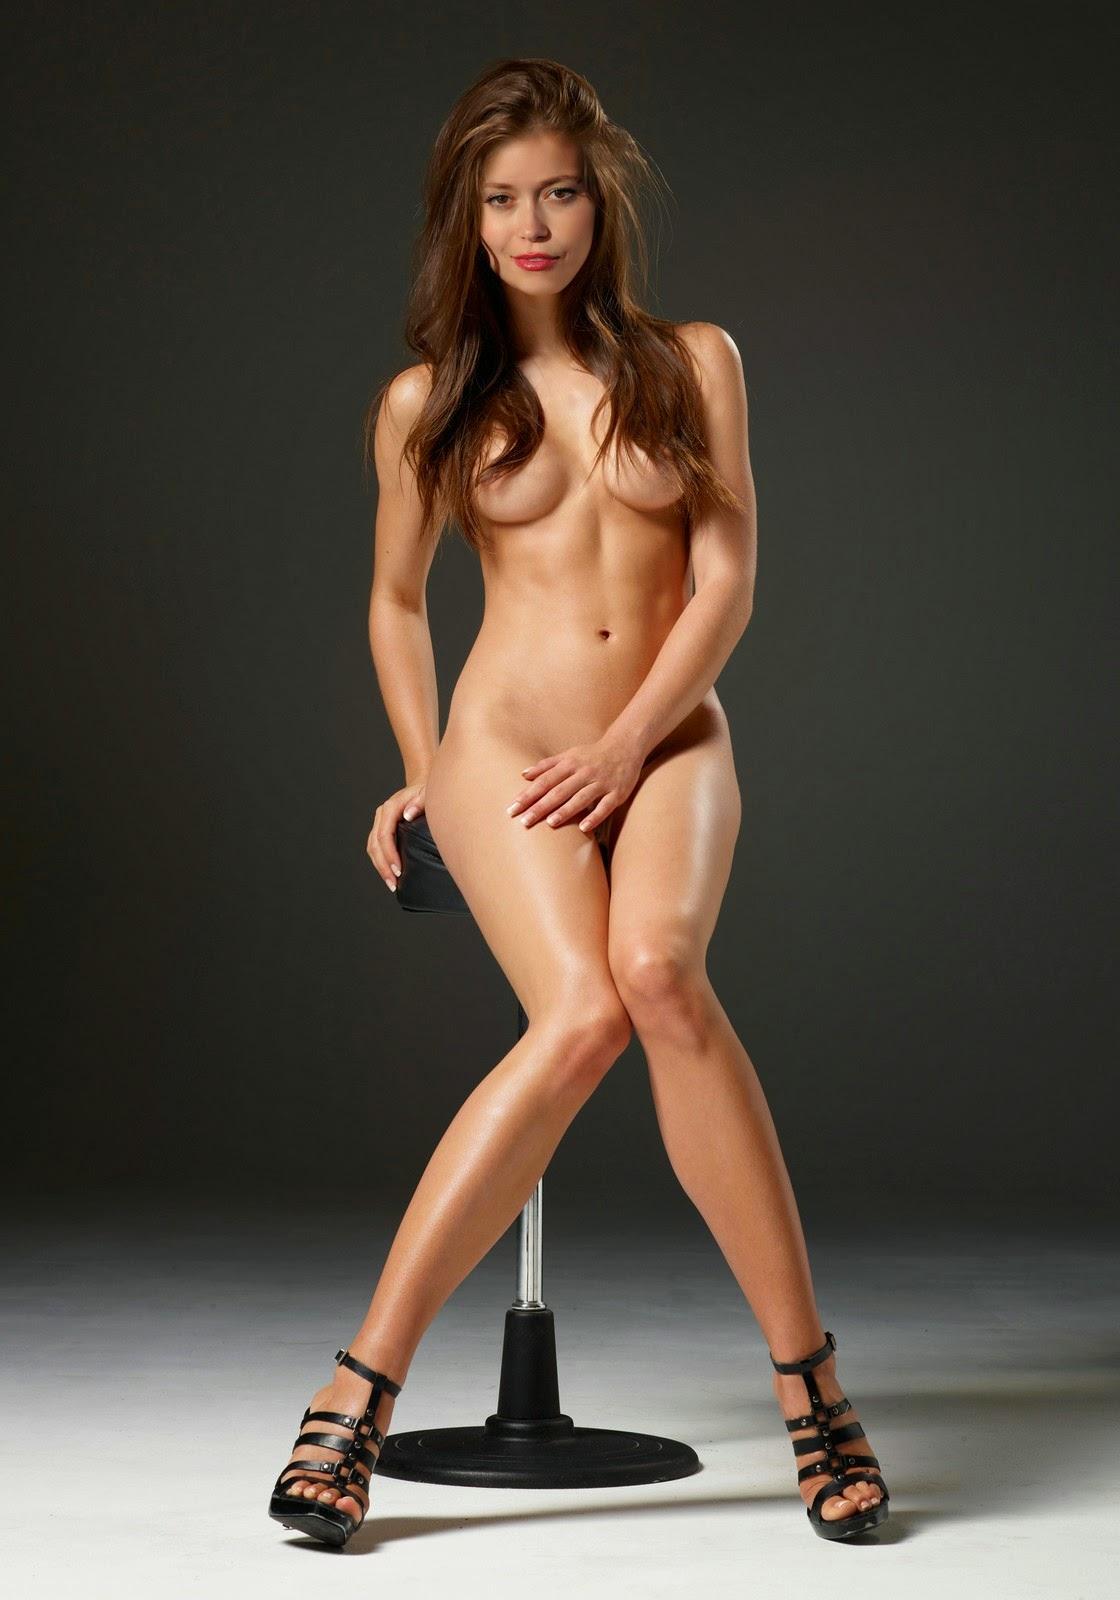 amanda bynes naked porn tube